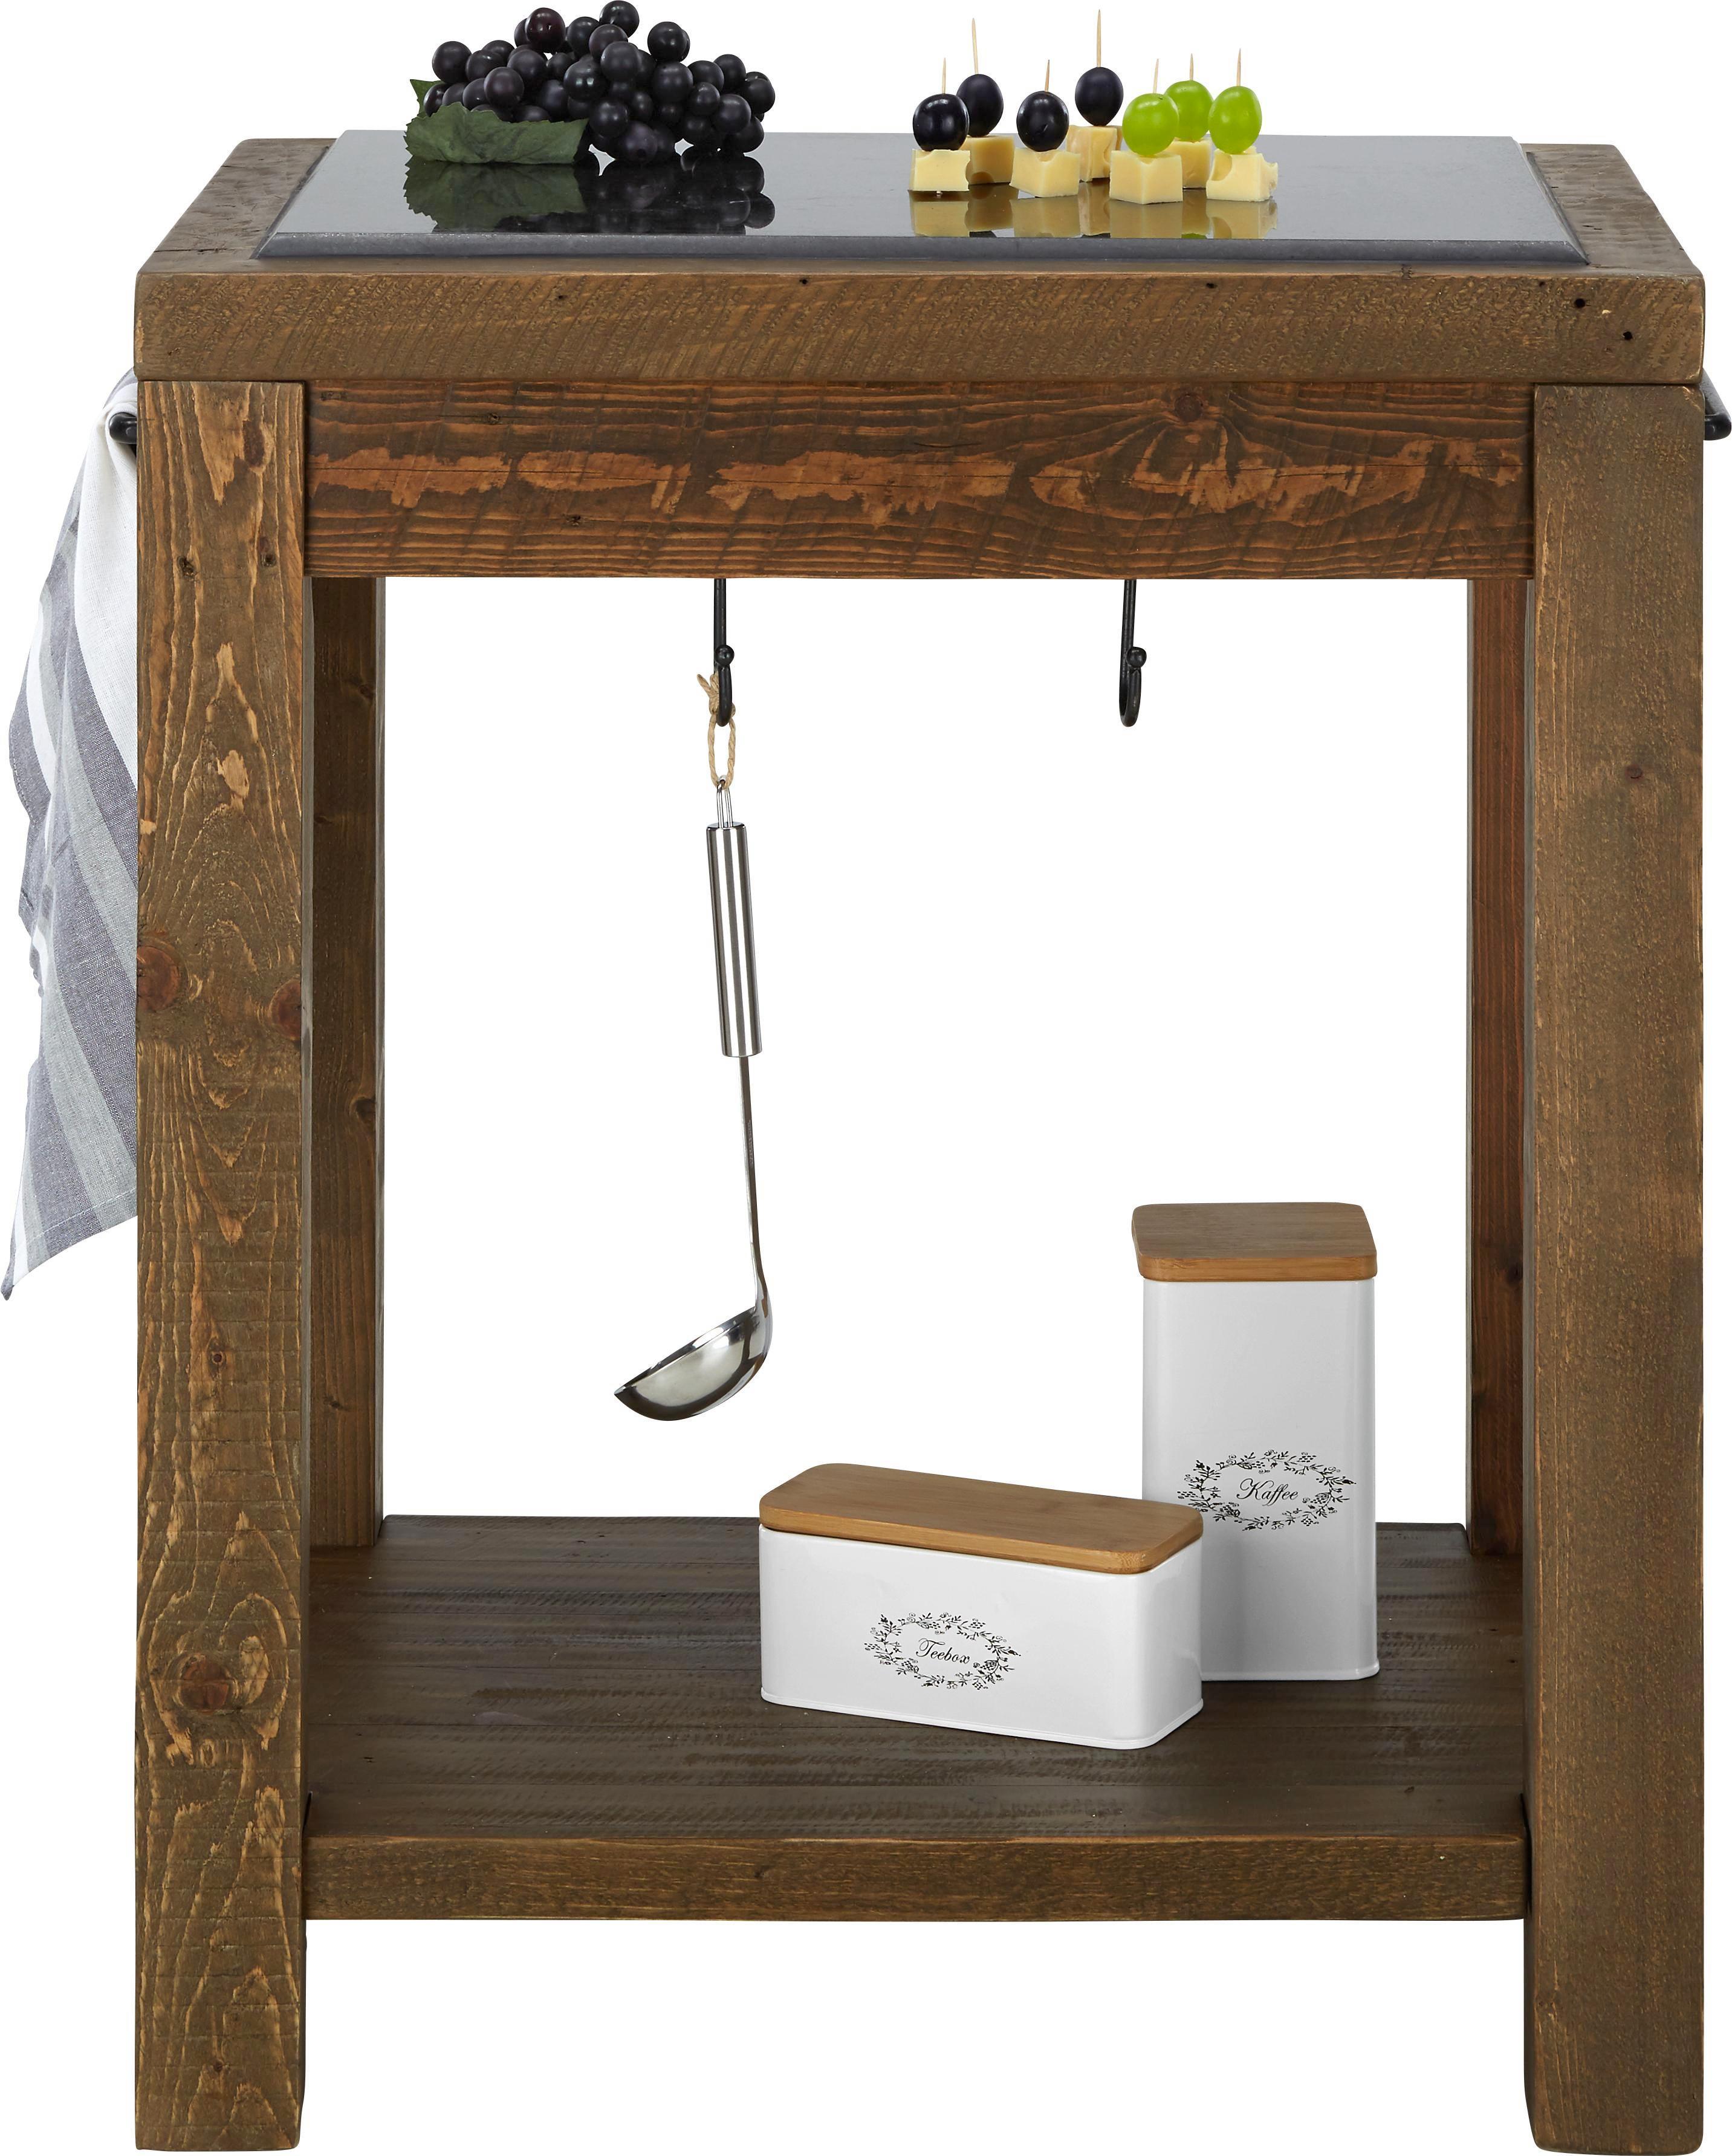 Küchenarbeitstisch aus Echtholz online kaufen ➤ mömax